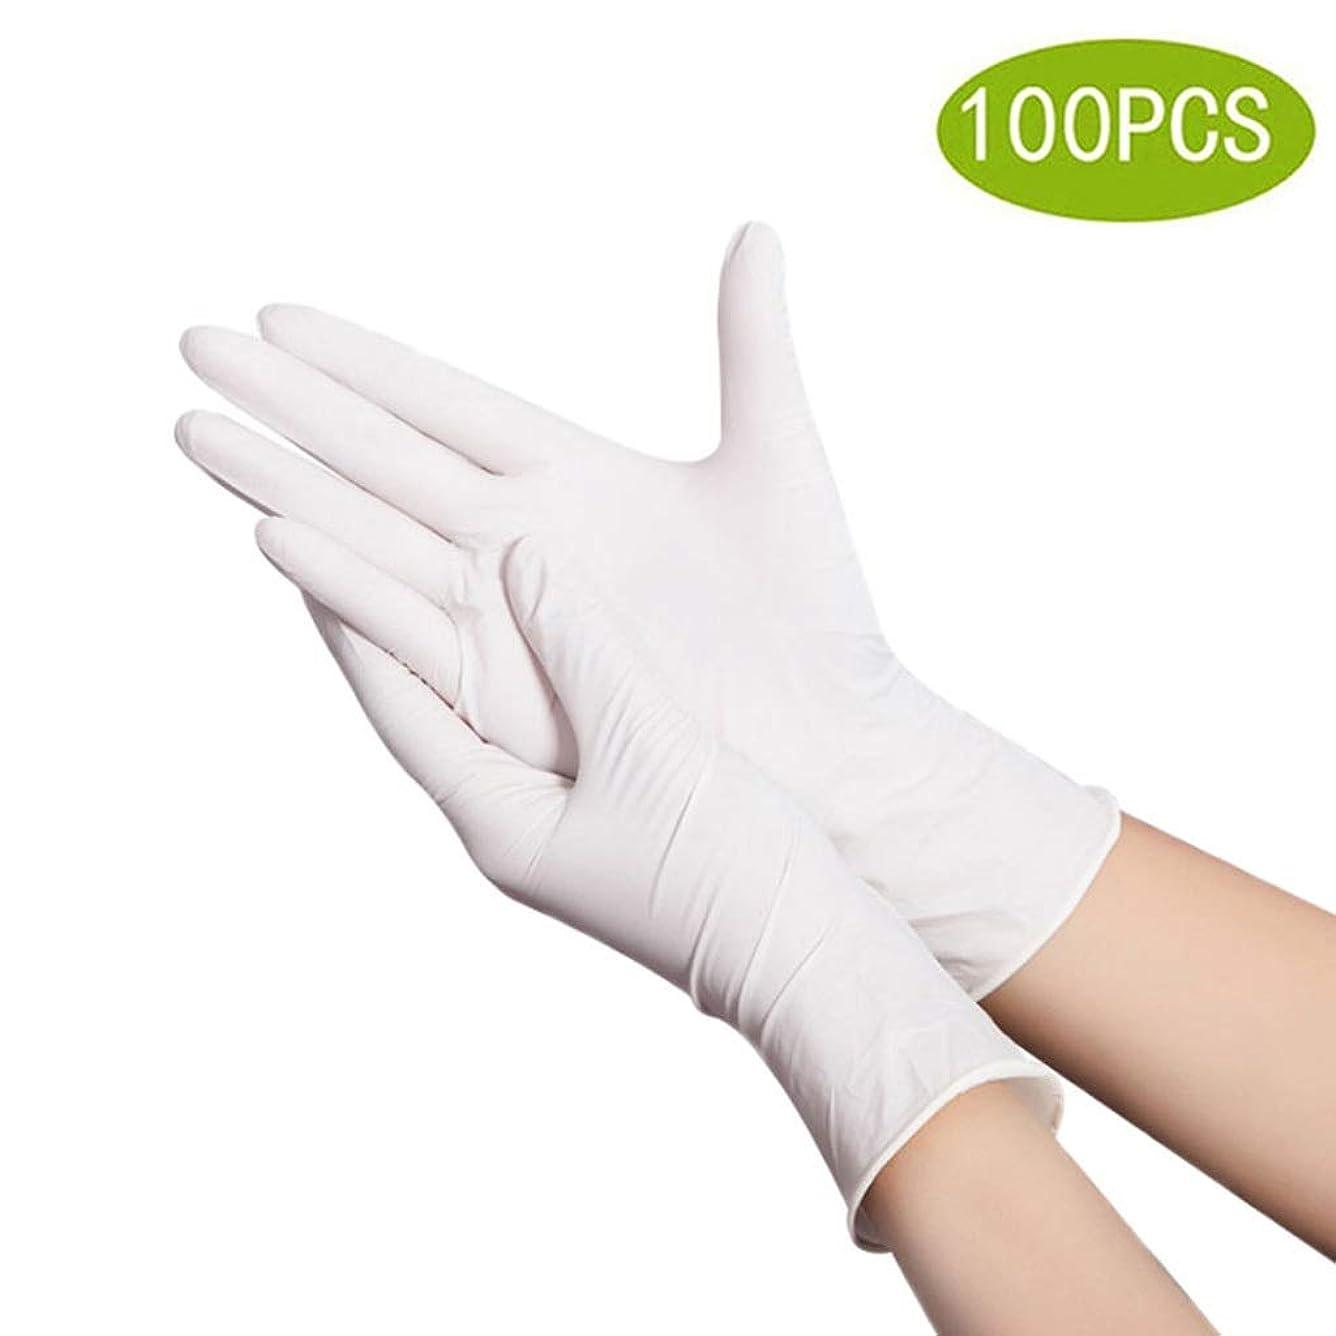 彼のゴミ箱シェアニトリル手袋4ミル厚ヘビーデューティー使い捨て手袋 - 工業用および家庭用 - パウダーフリー - ナチュラルホワイト(100カウント) (Size : S)